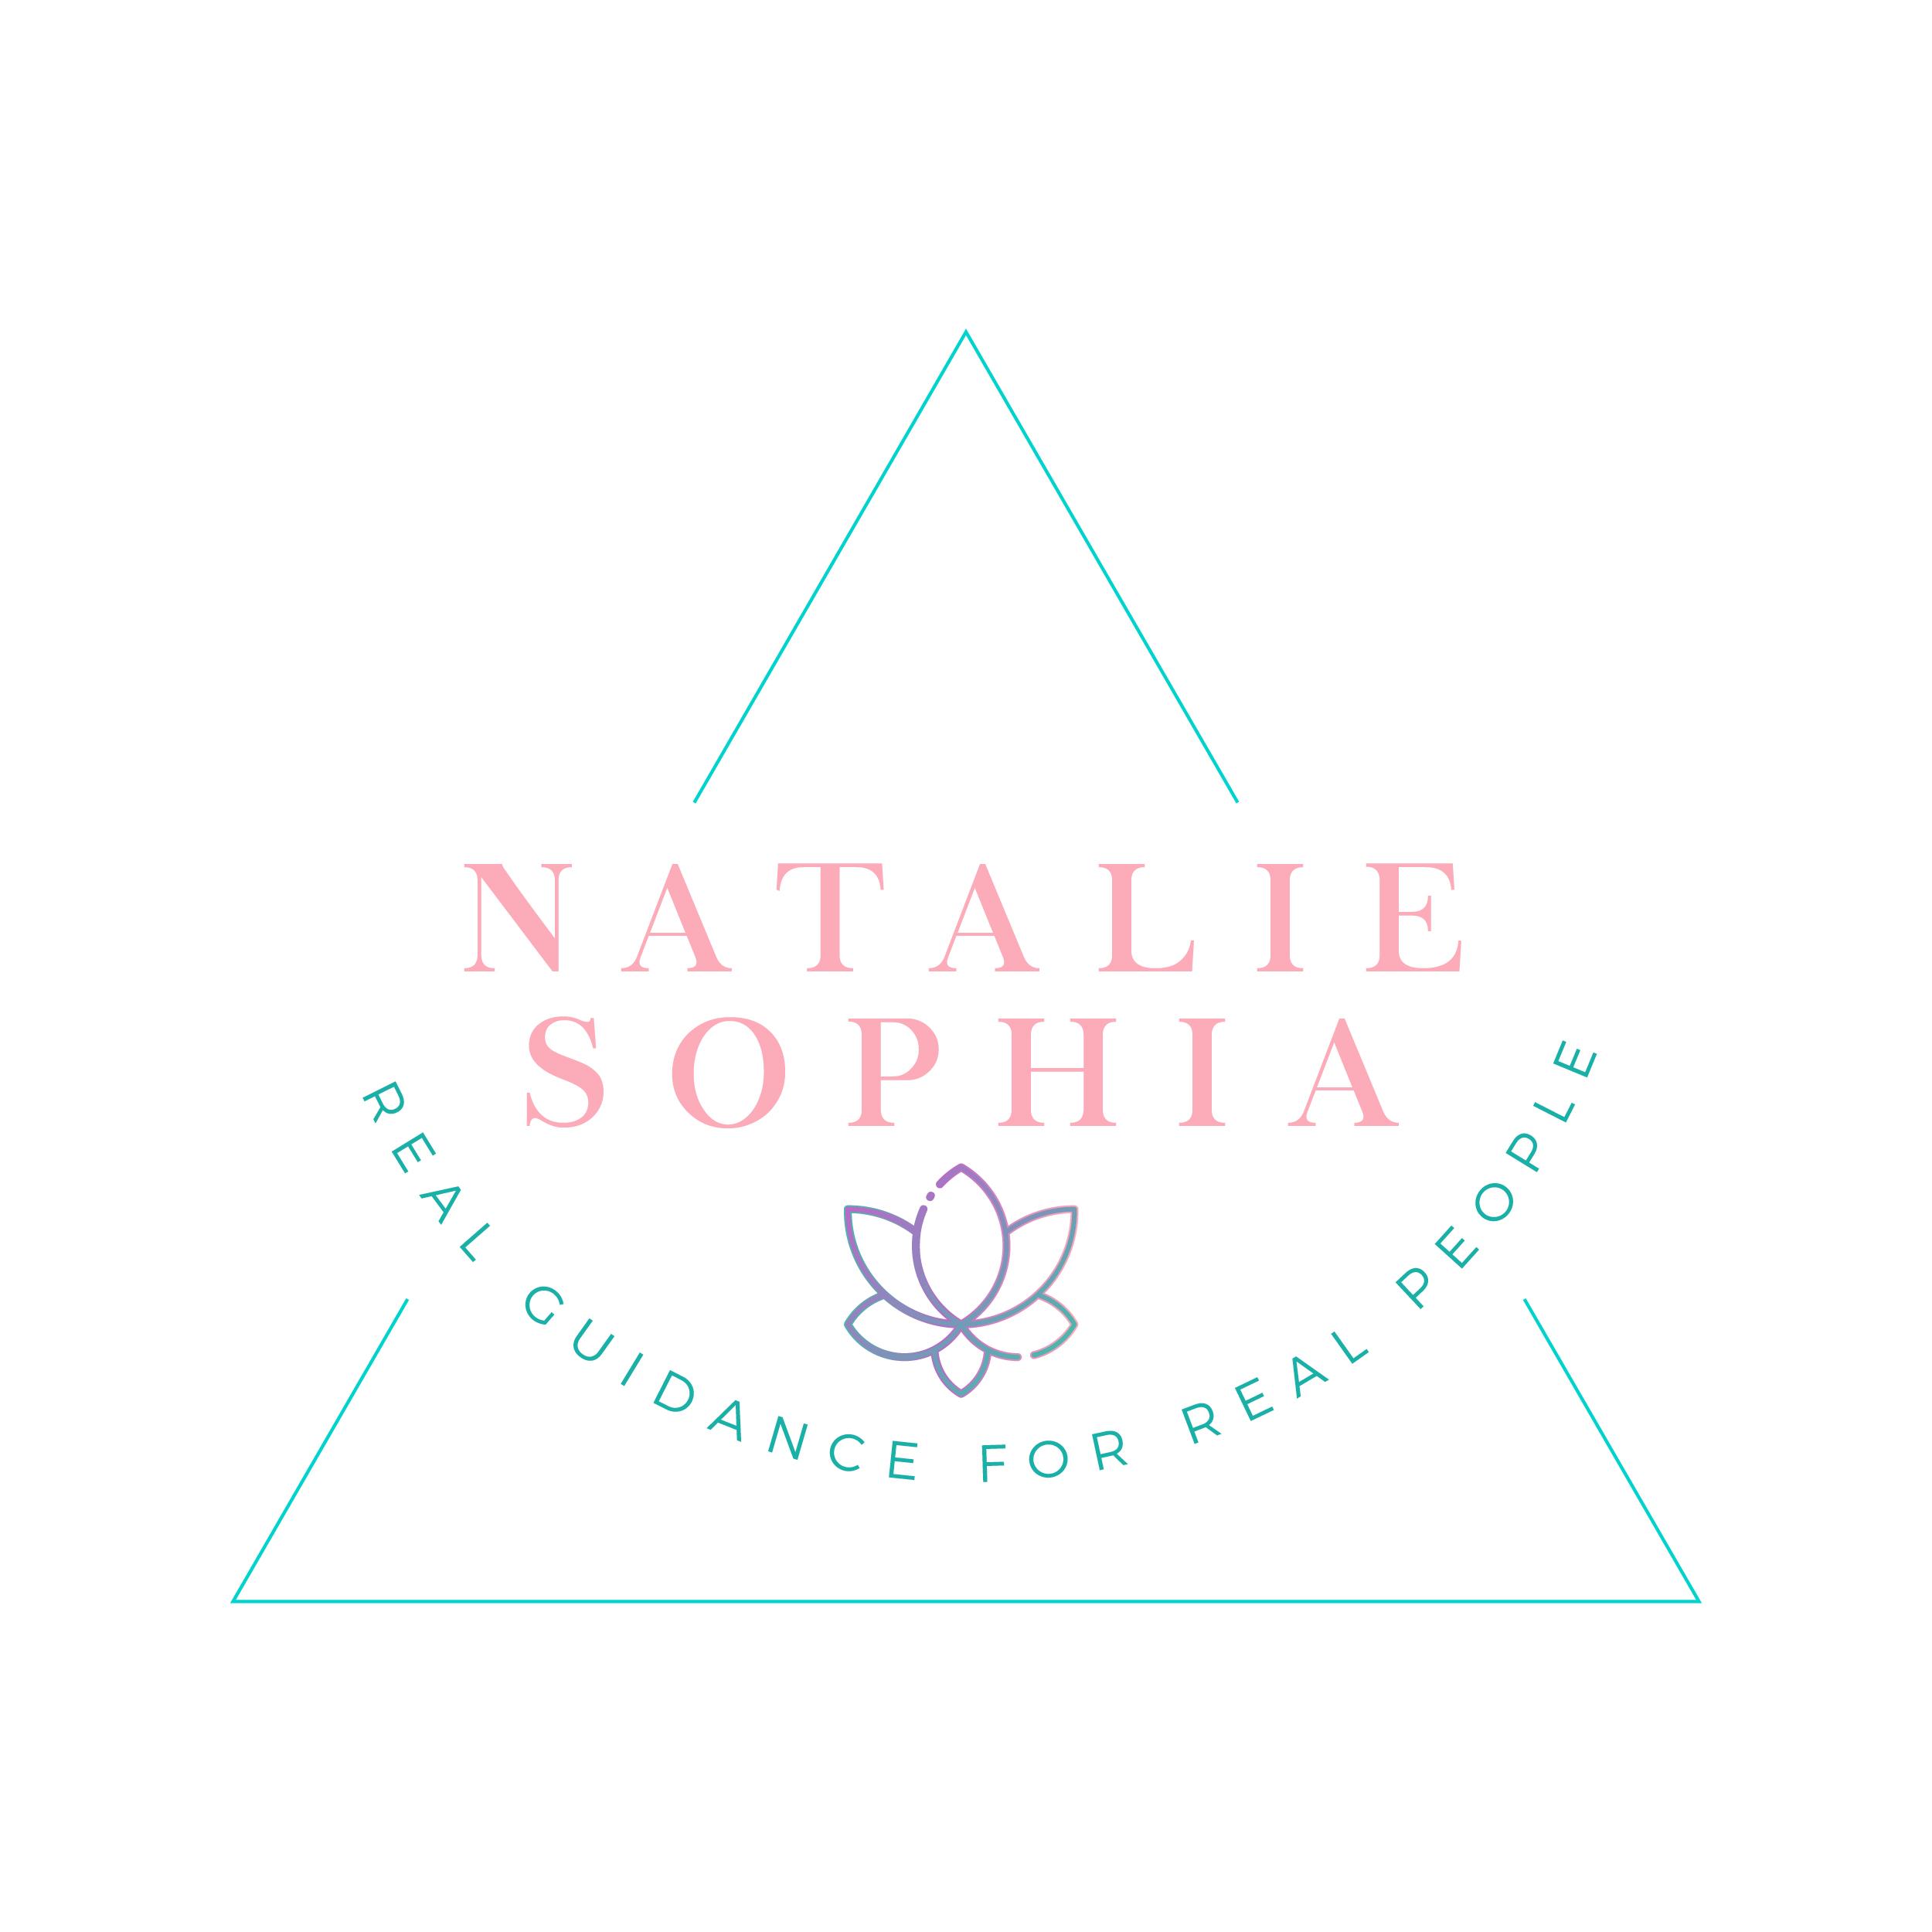 Natalie Sophia's School of Healing